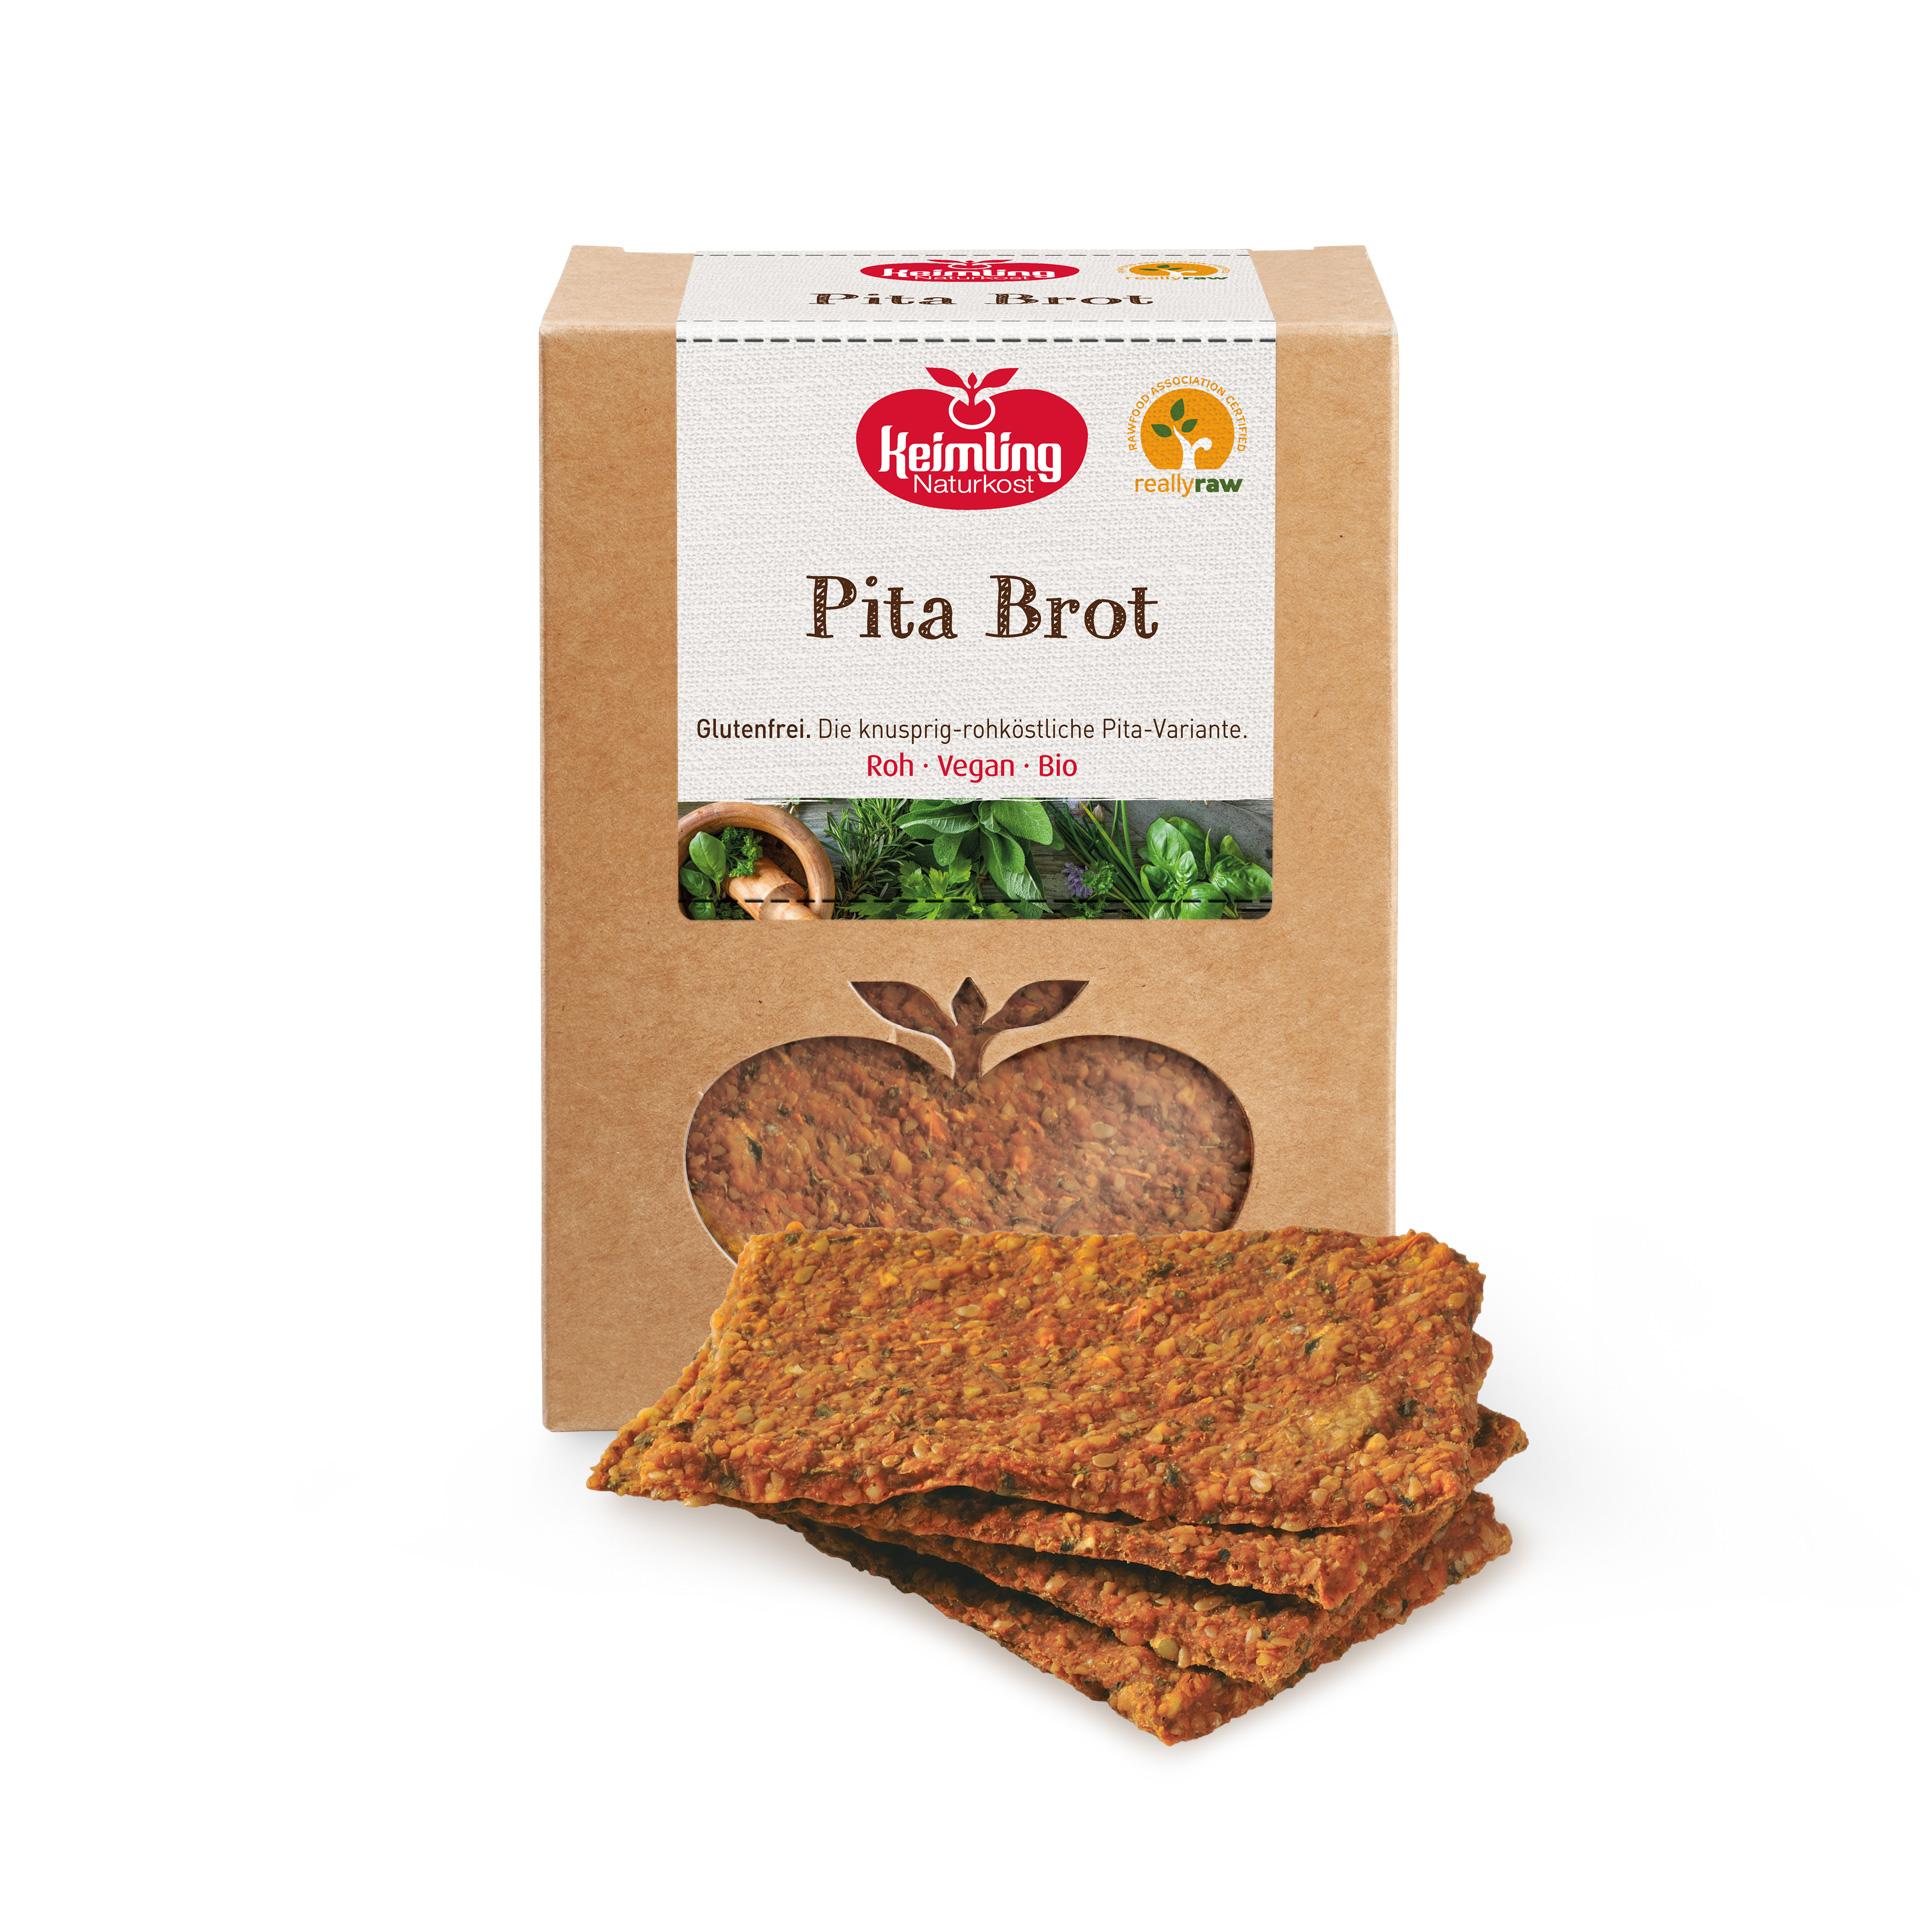 Italienisches Pita Brot von Keimling Naturkost, really-raw zertifiziert